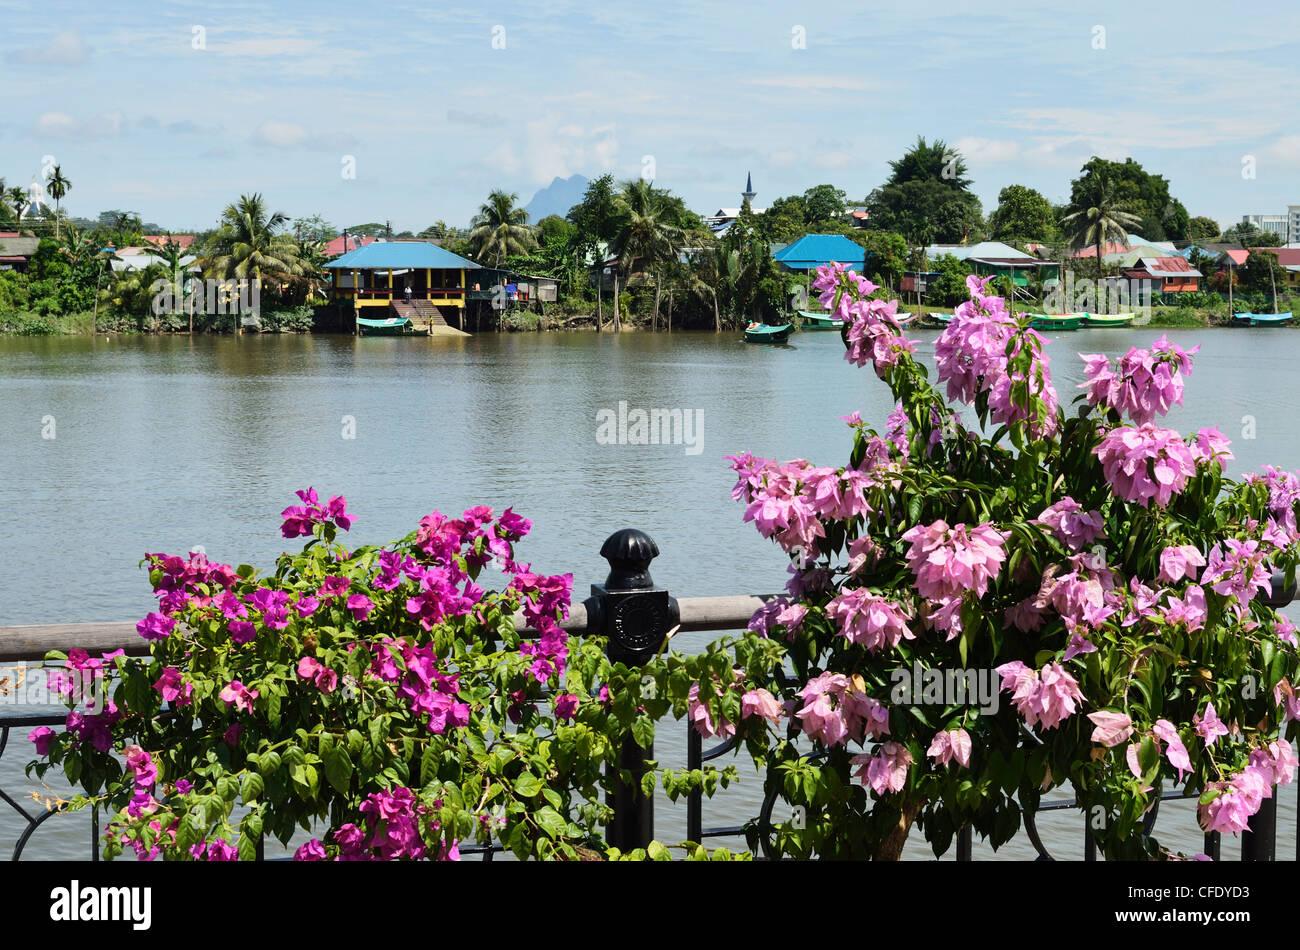 Sarawak River, Kuching Waterfront, Kuching, Sarawak, Borneo, Malaysia, Southeast Asia, Asia - Stock Image